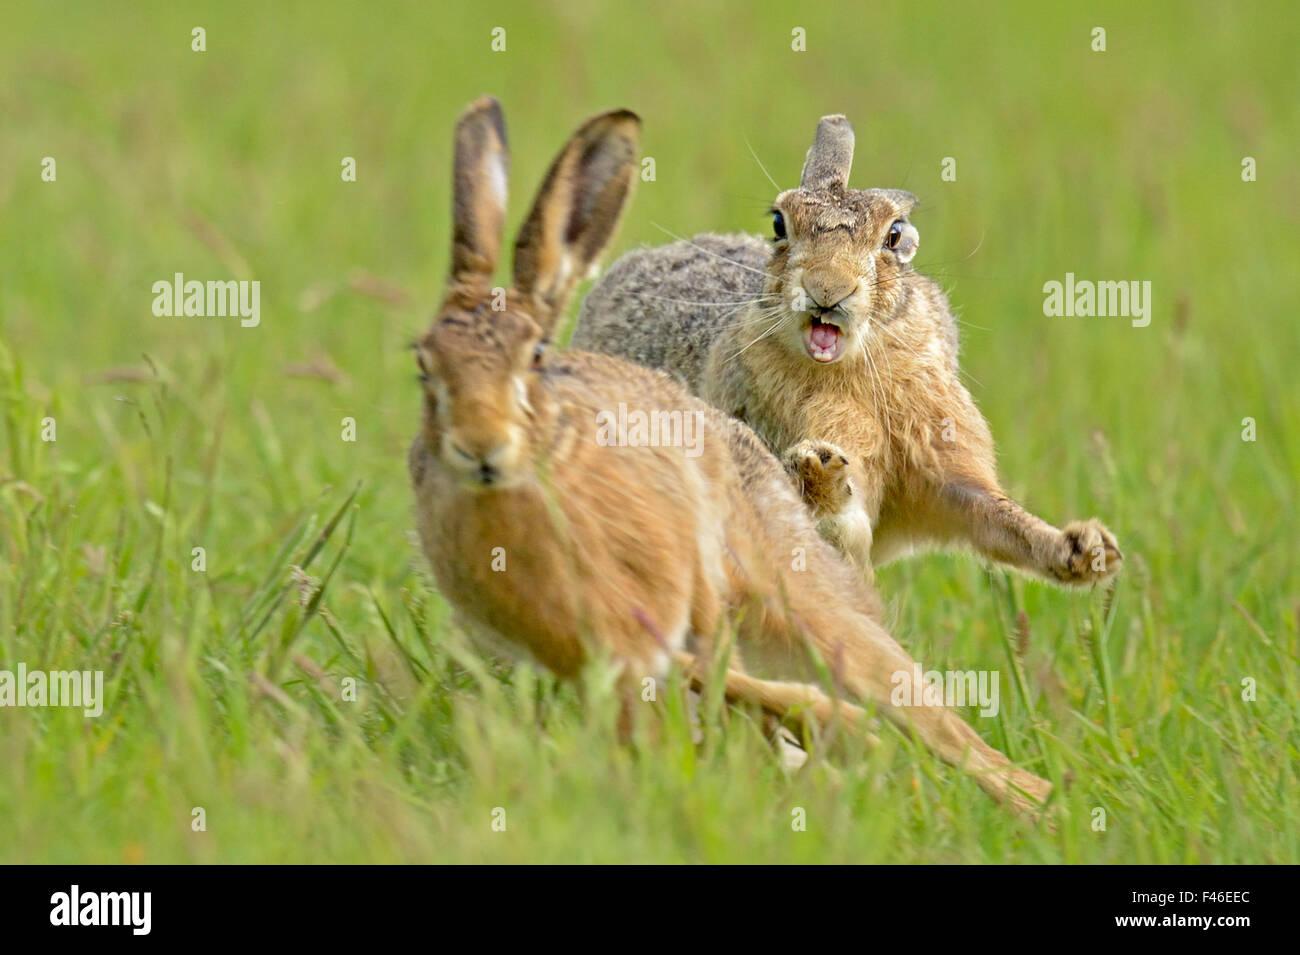 European hares (Lepus europaeus) courtship chase,  UK, February - Stock Image